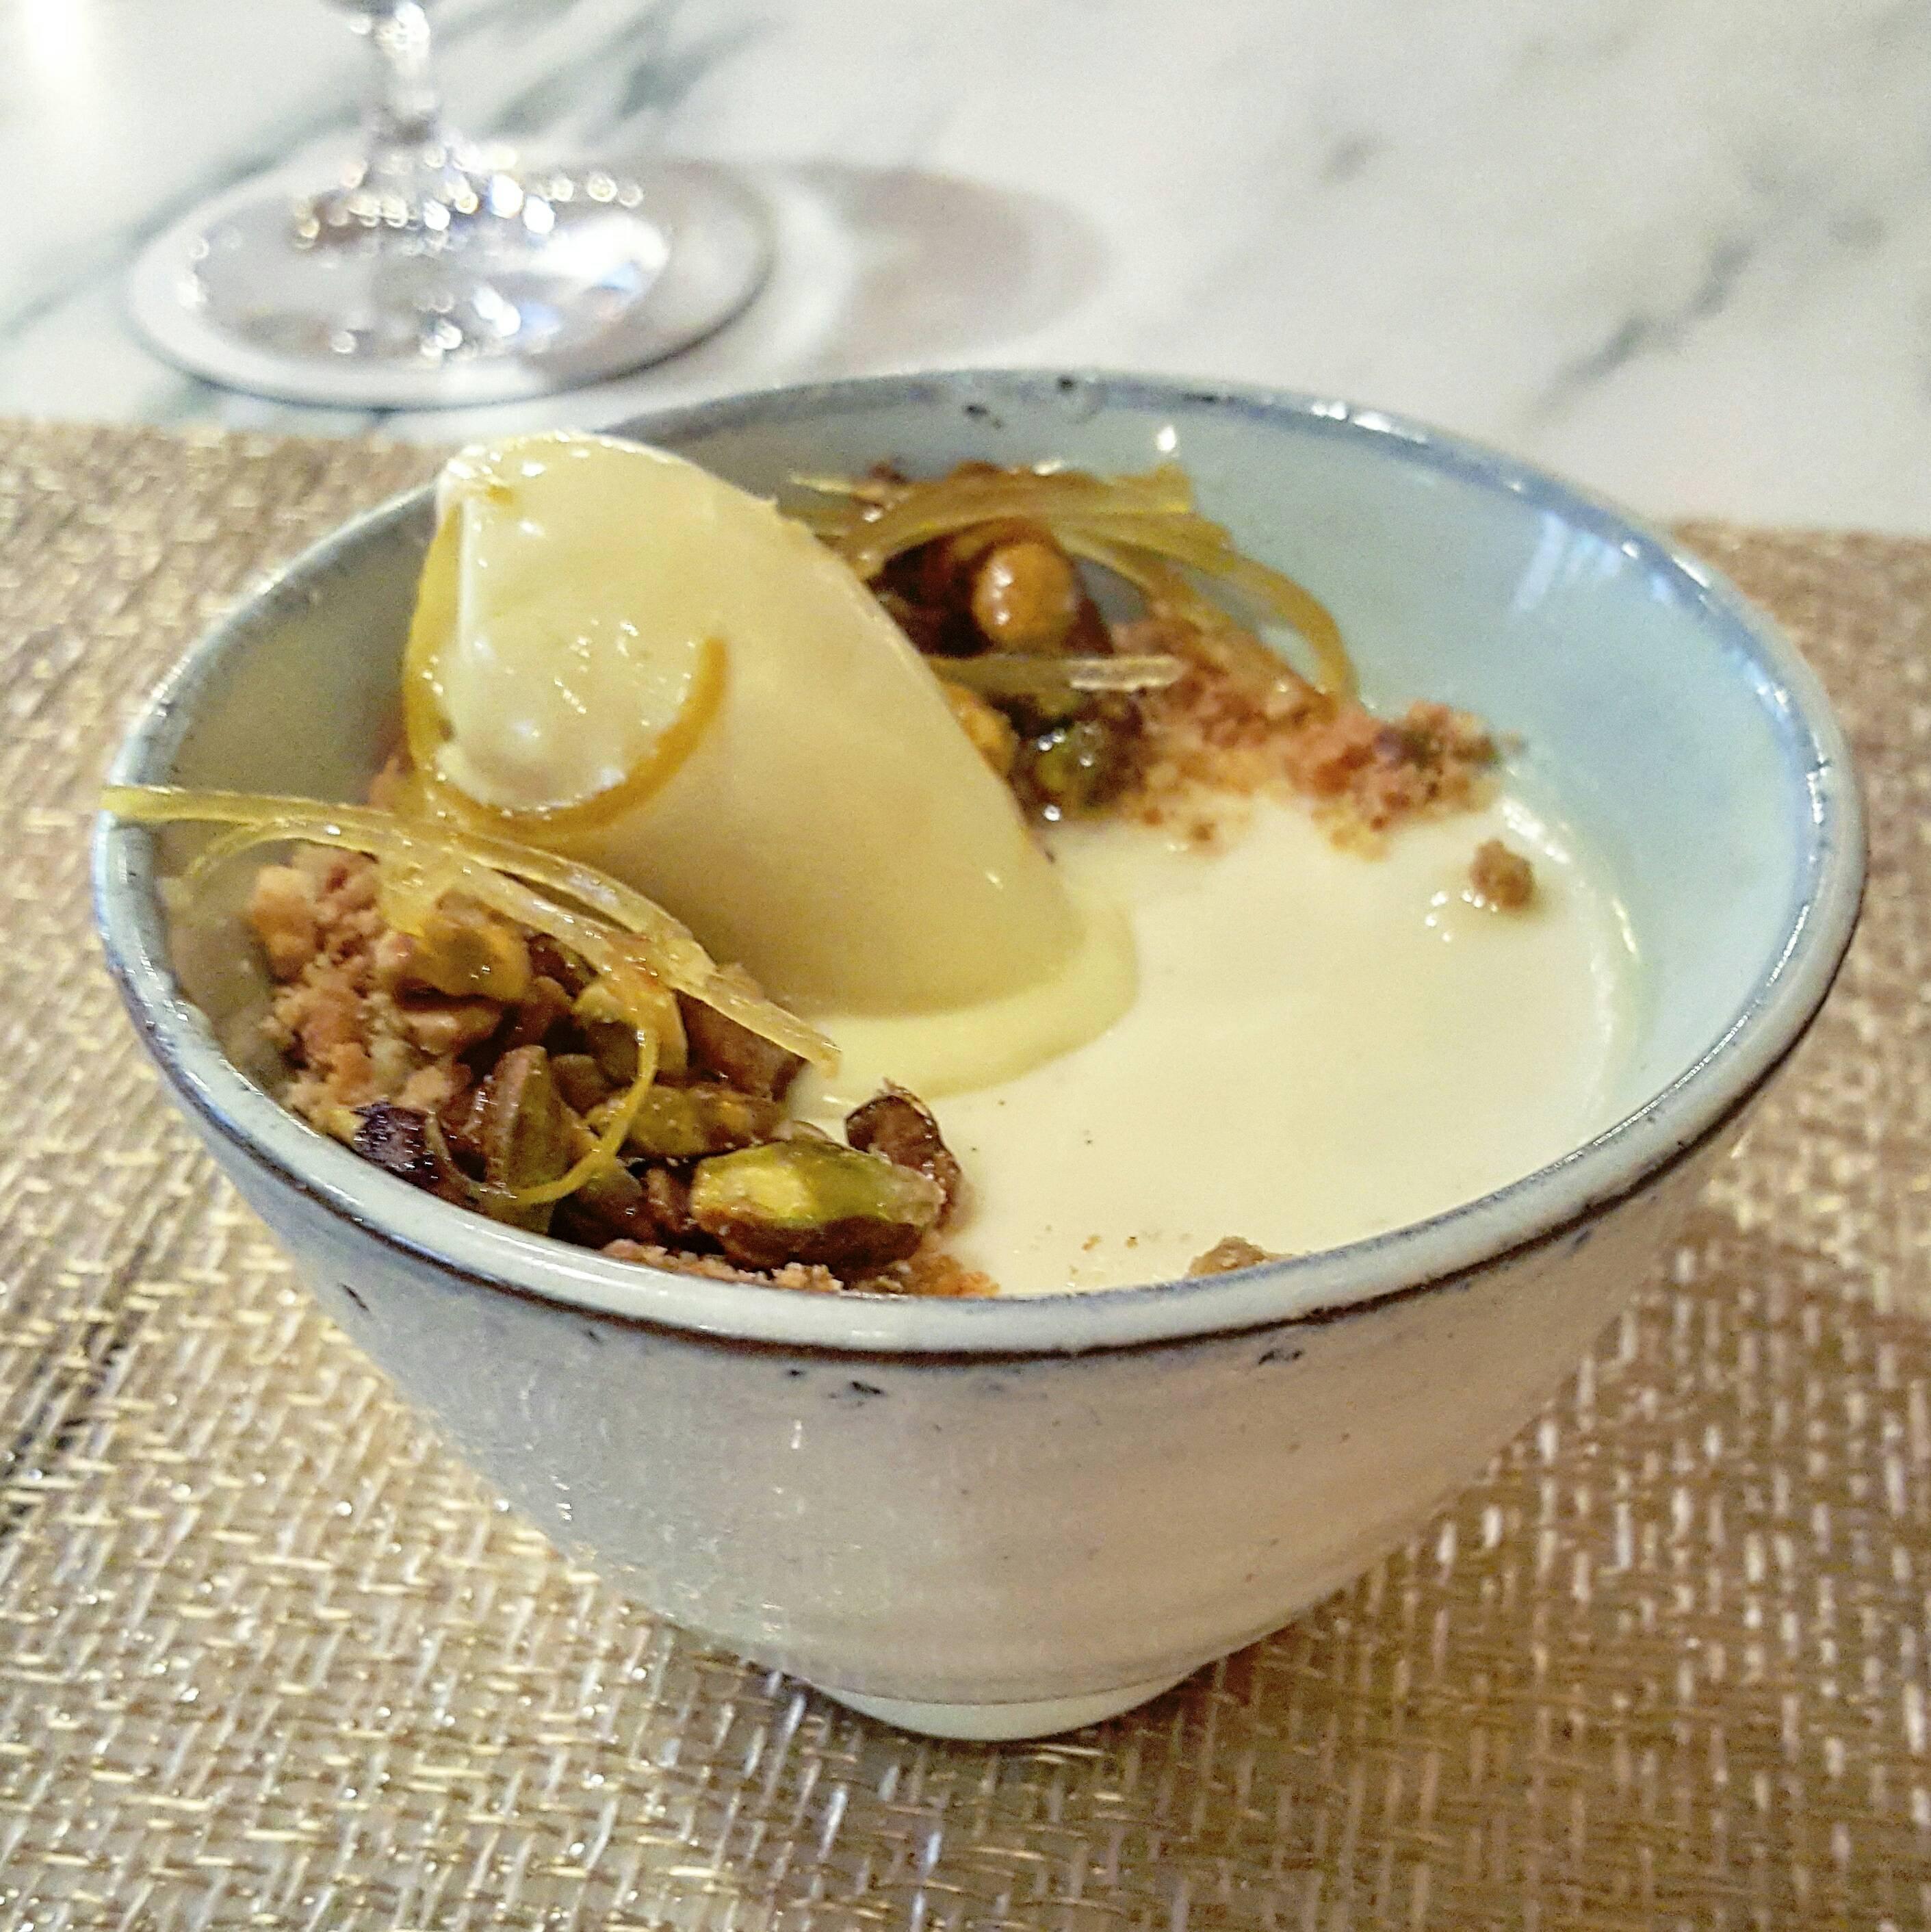 Lemon posset at Les Sablons